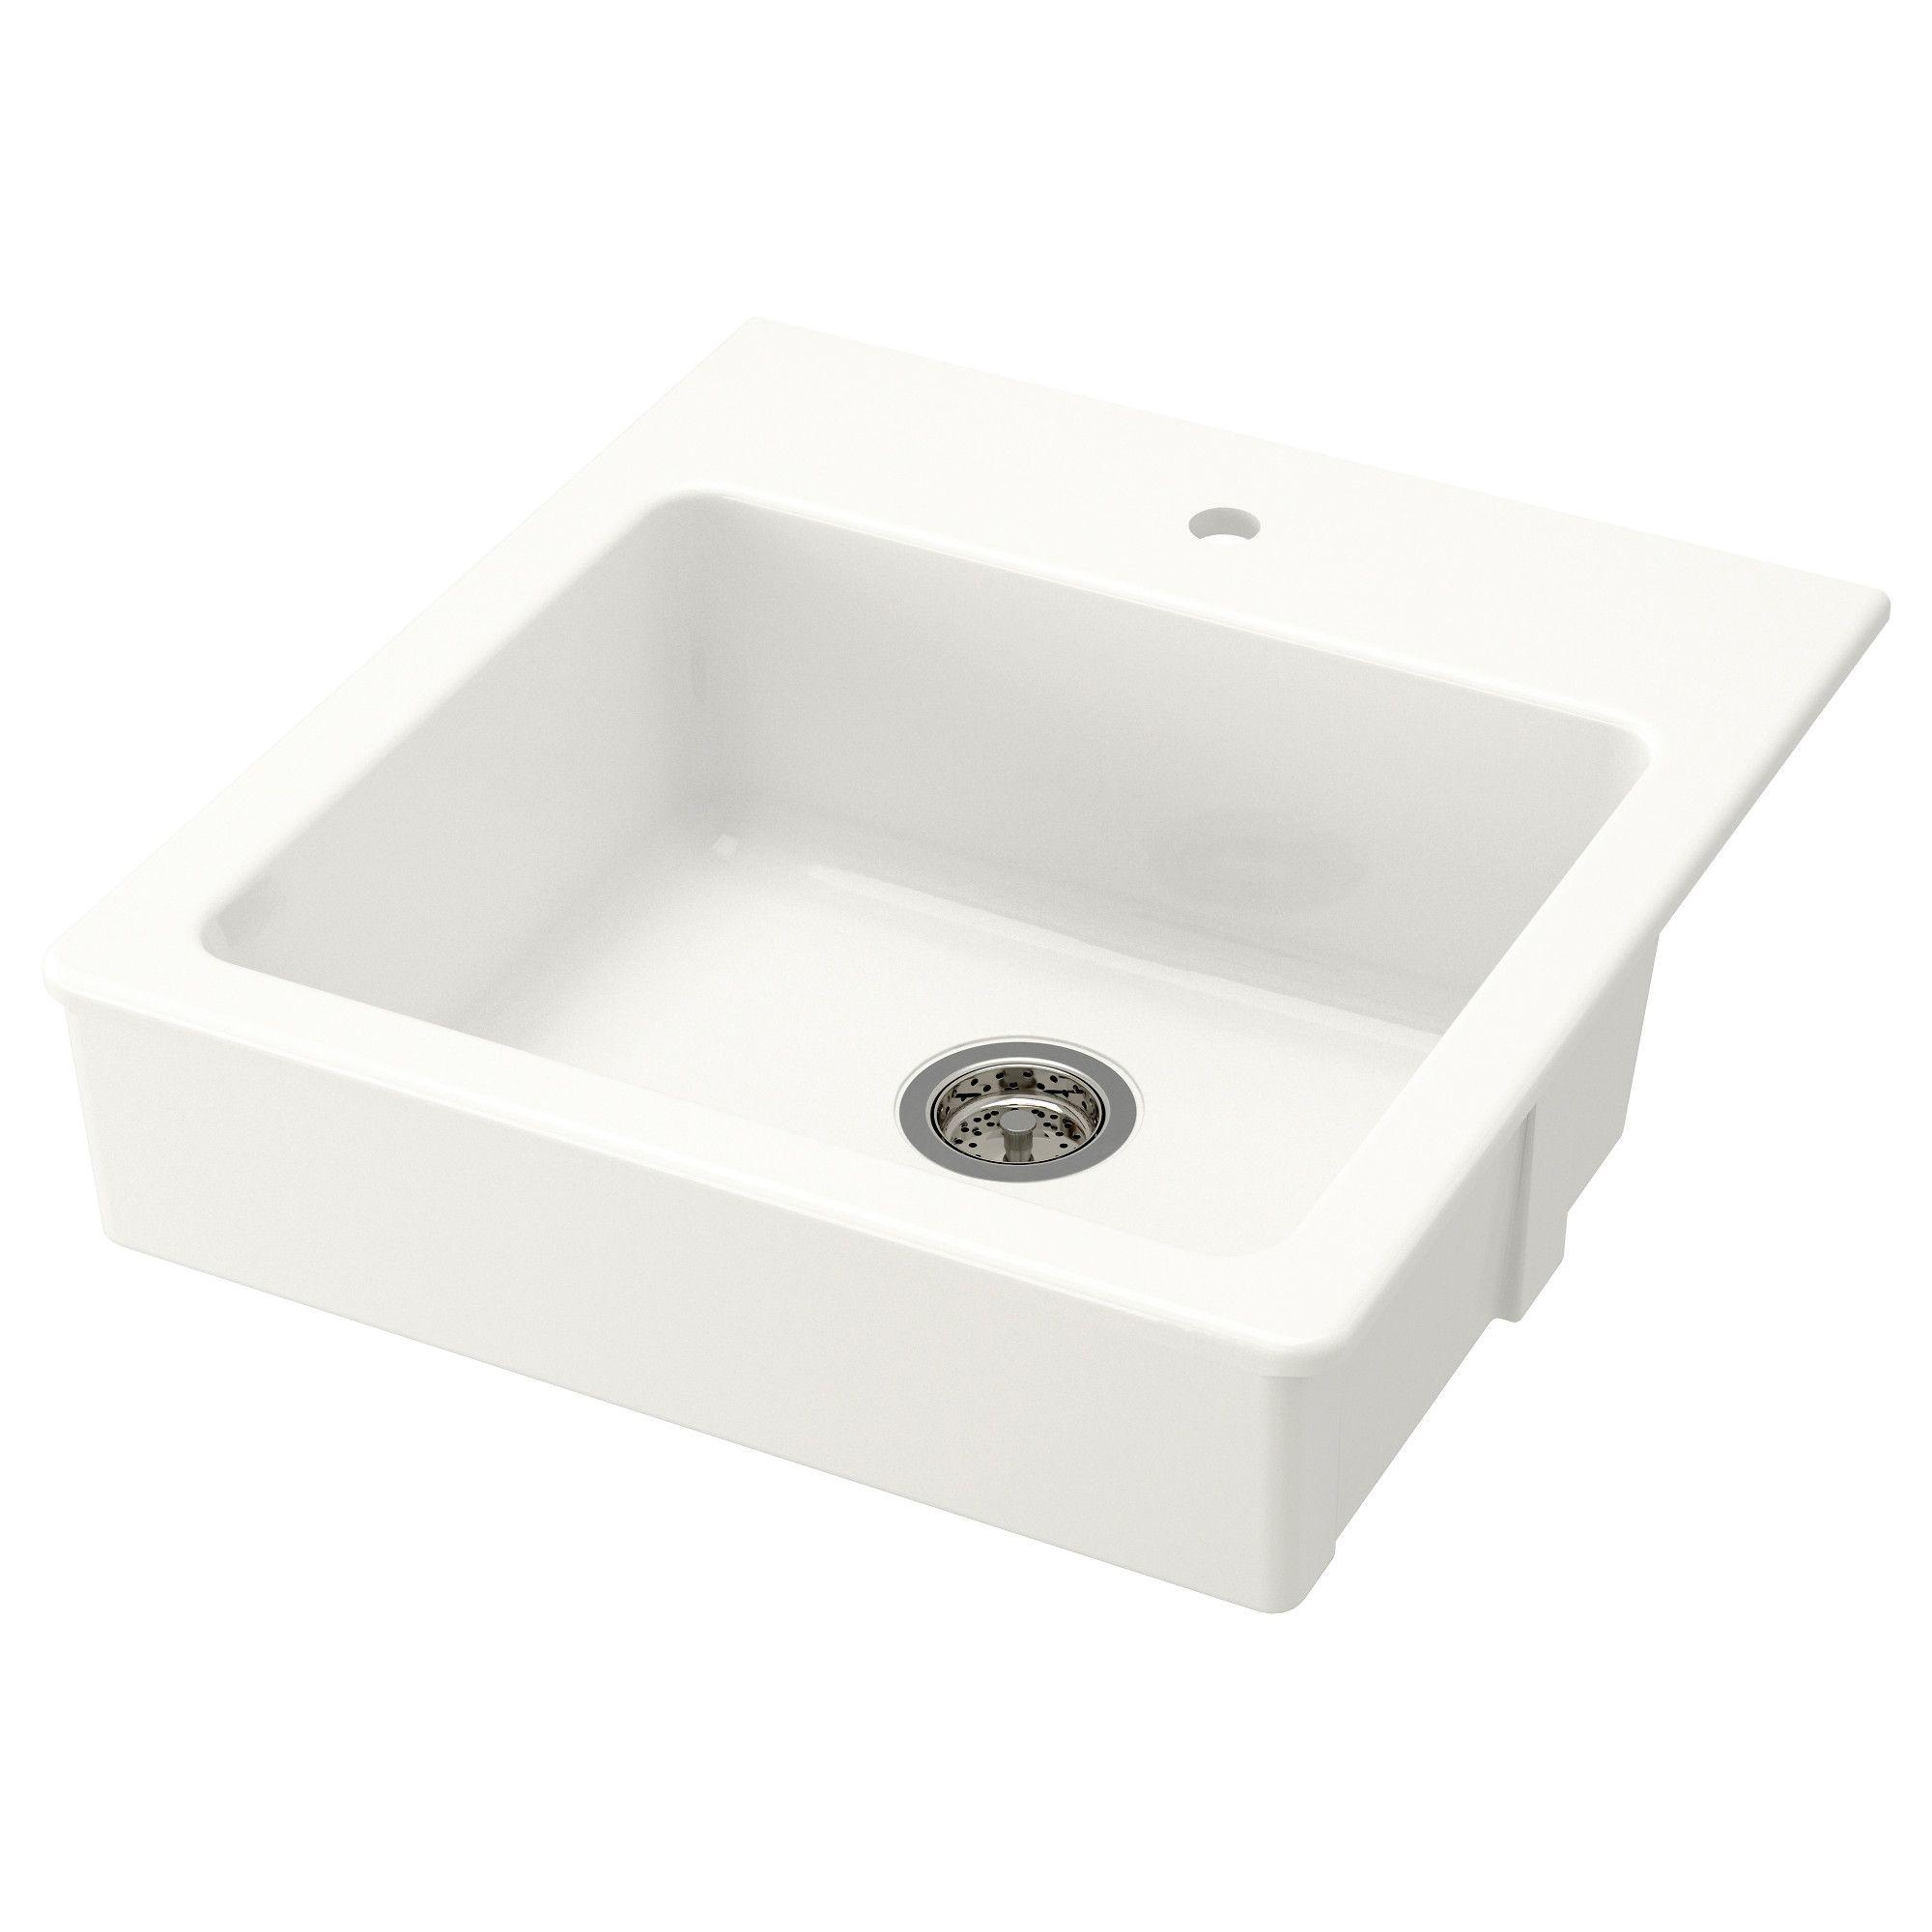 Ikea domsjö single bowl top mount sink 25 year limited warranty